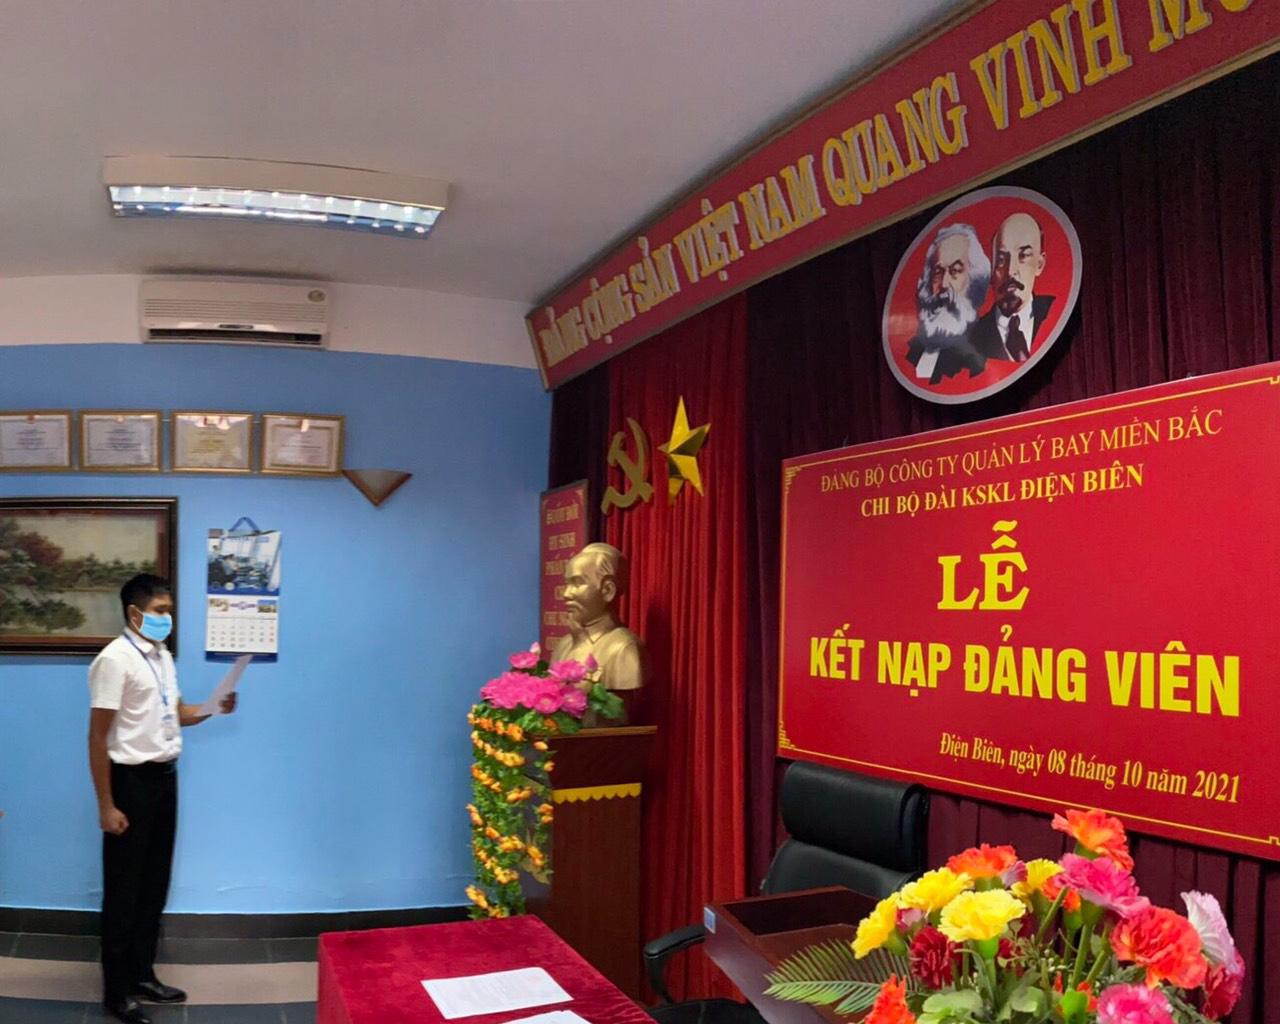 Chi bộ Đài Kiểm soát không lưu Điện Biên, Công ty Quản lý bay miền Bắc kết nạp đảng viên mới